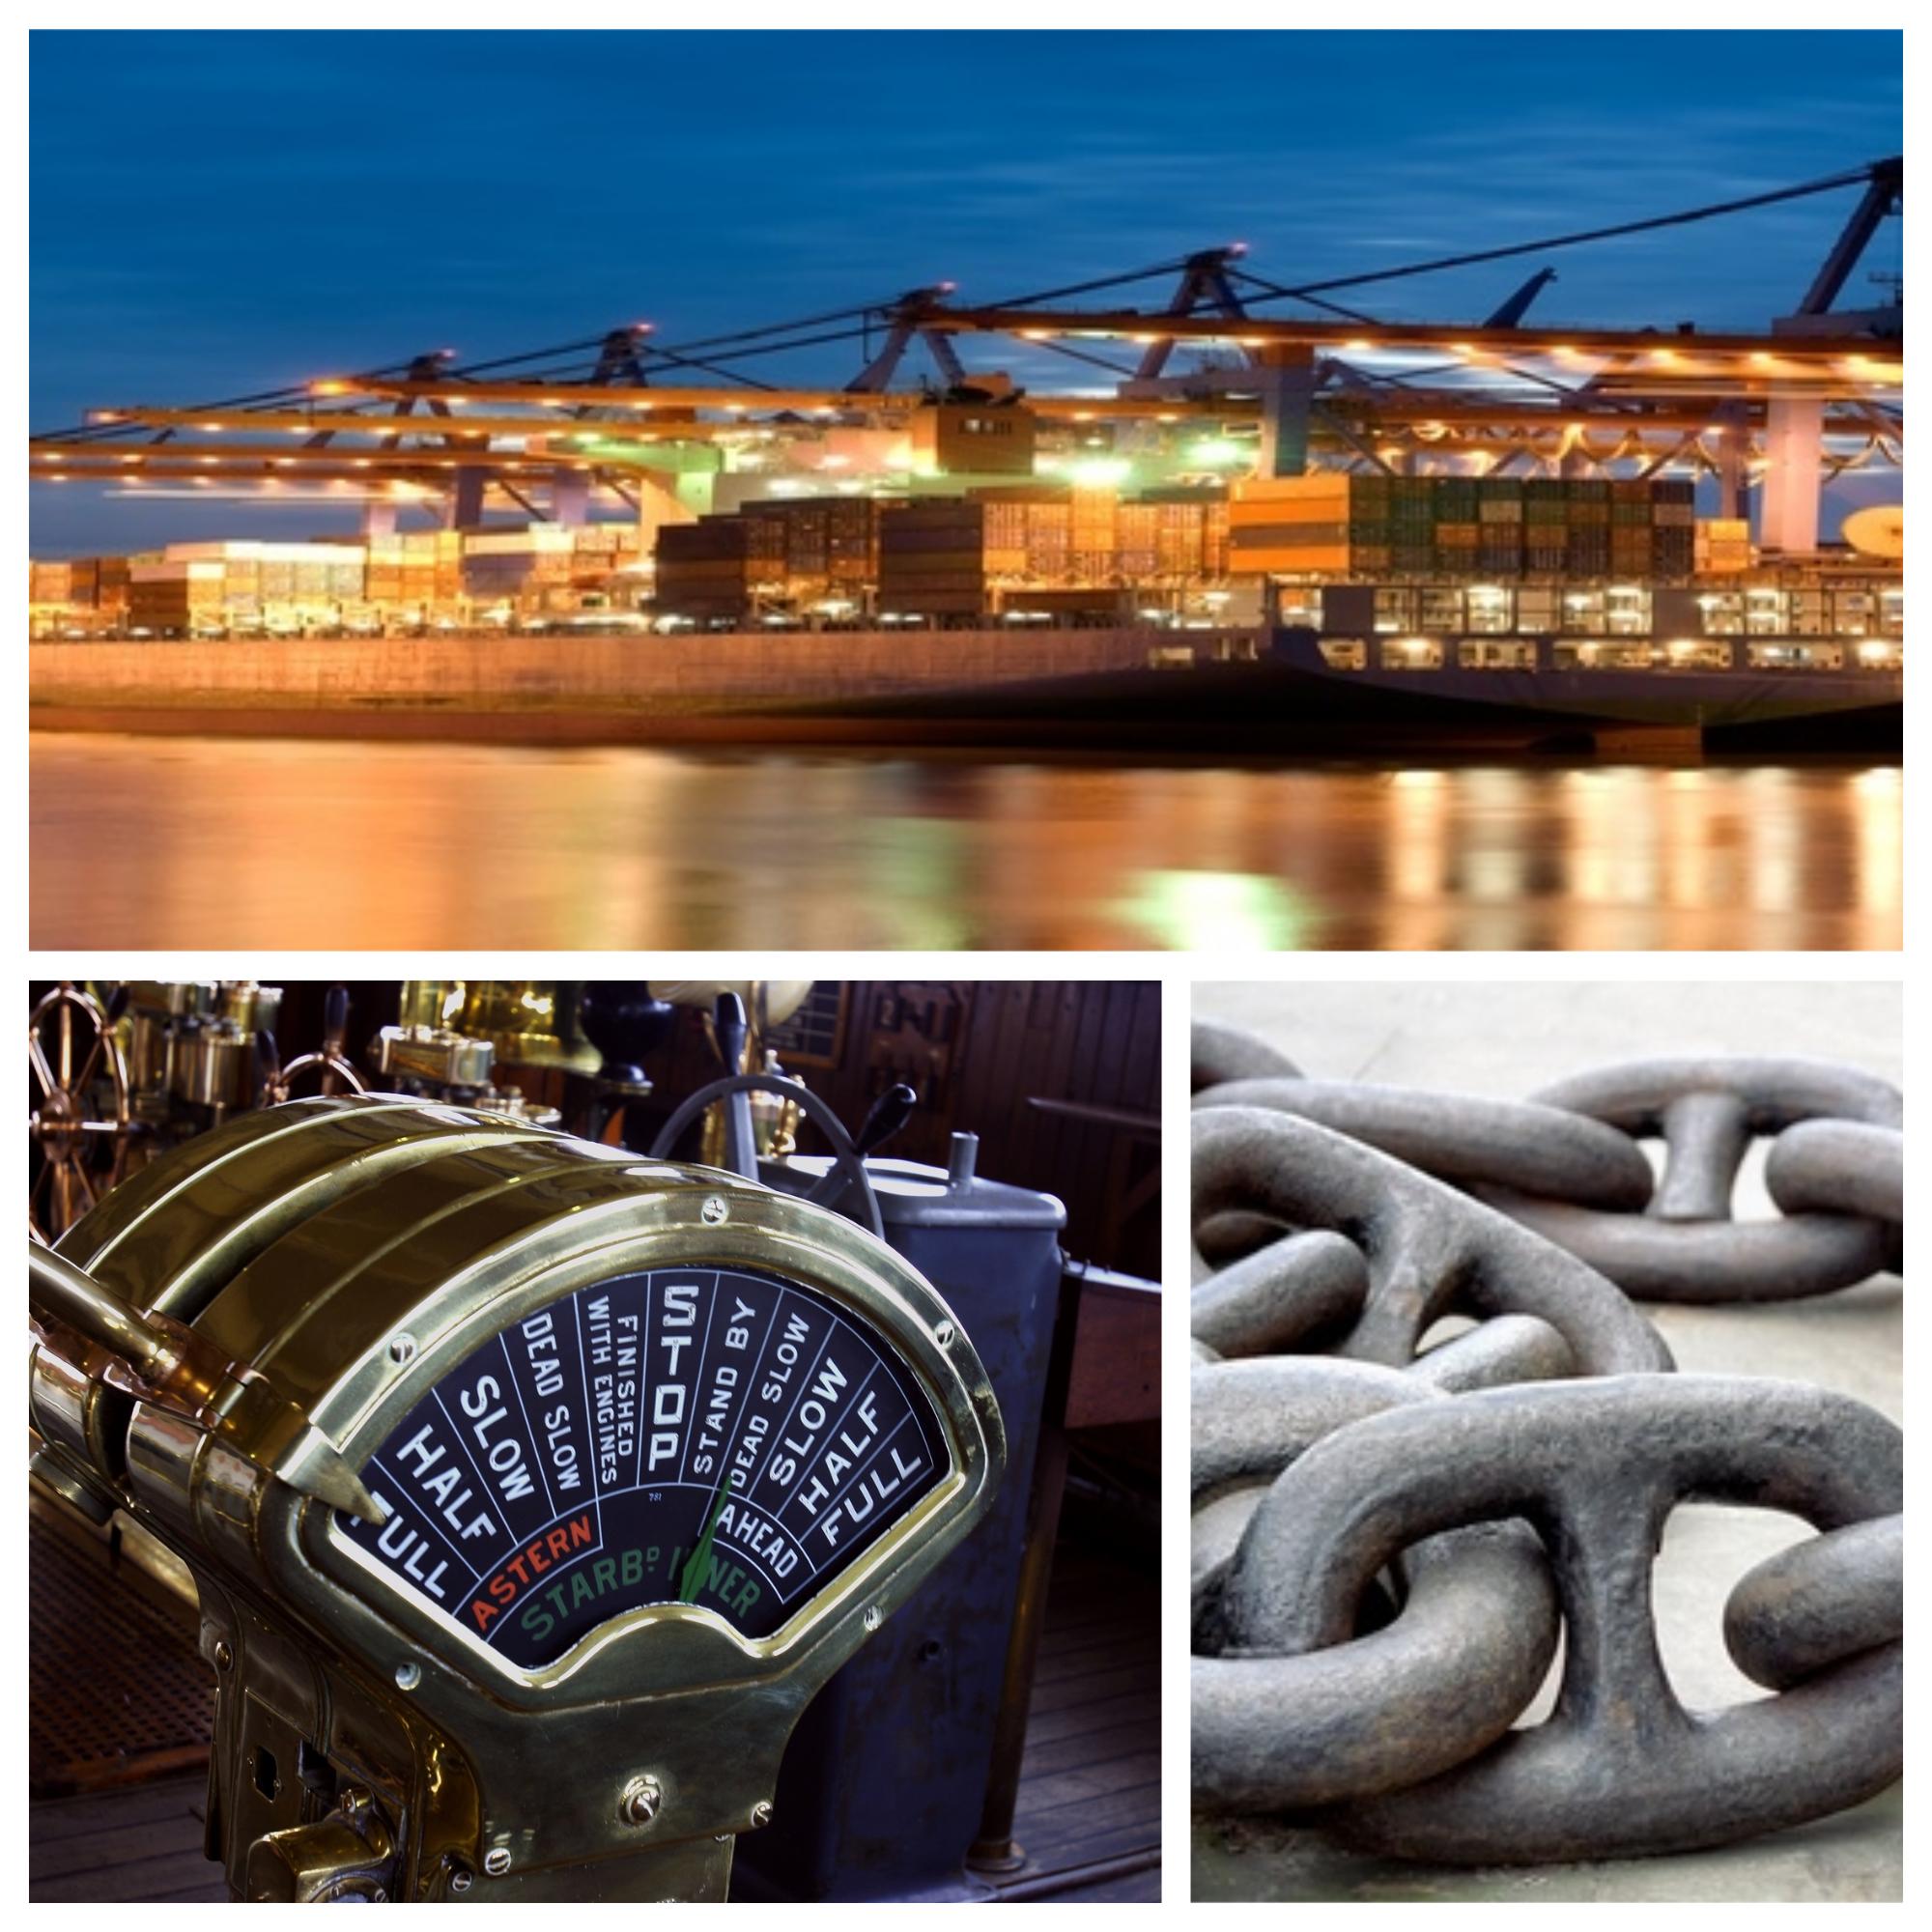 Maritime awareness